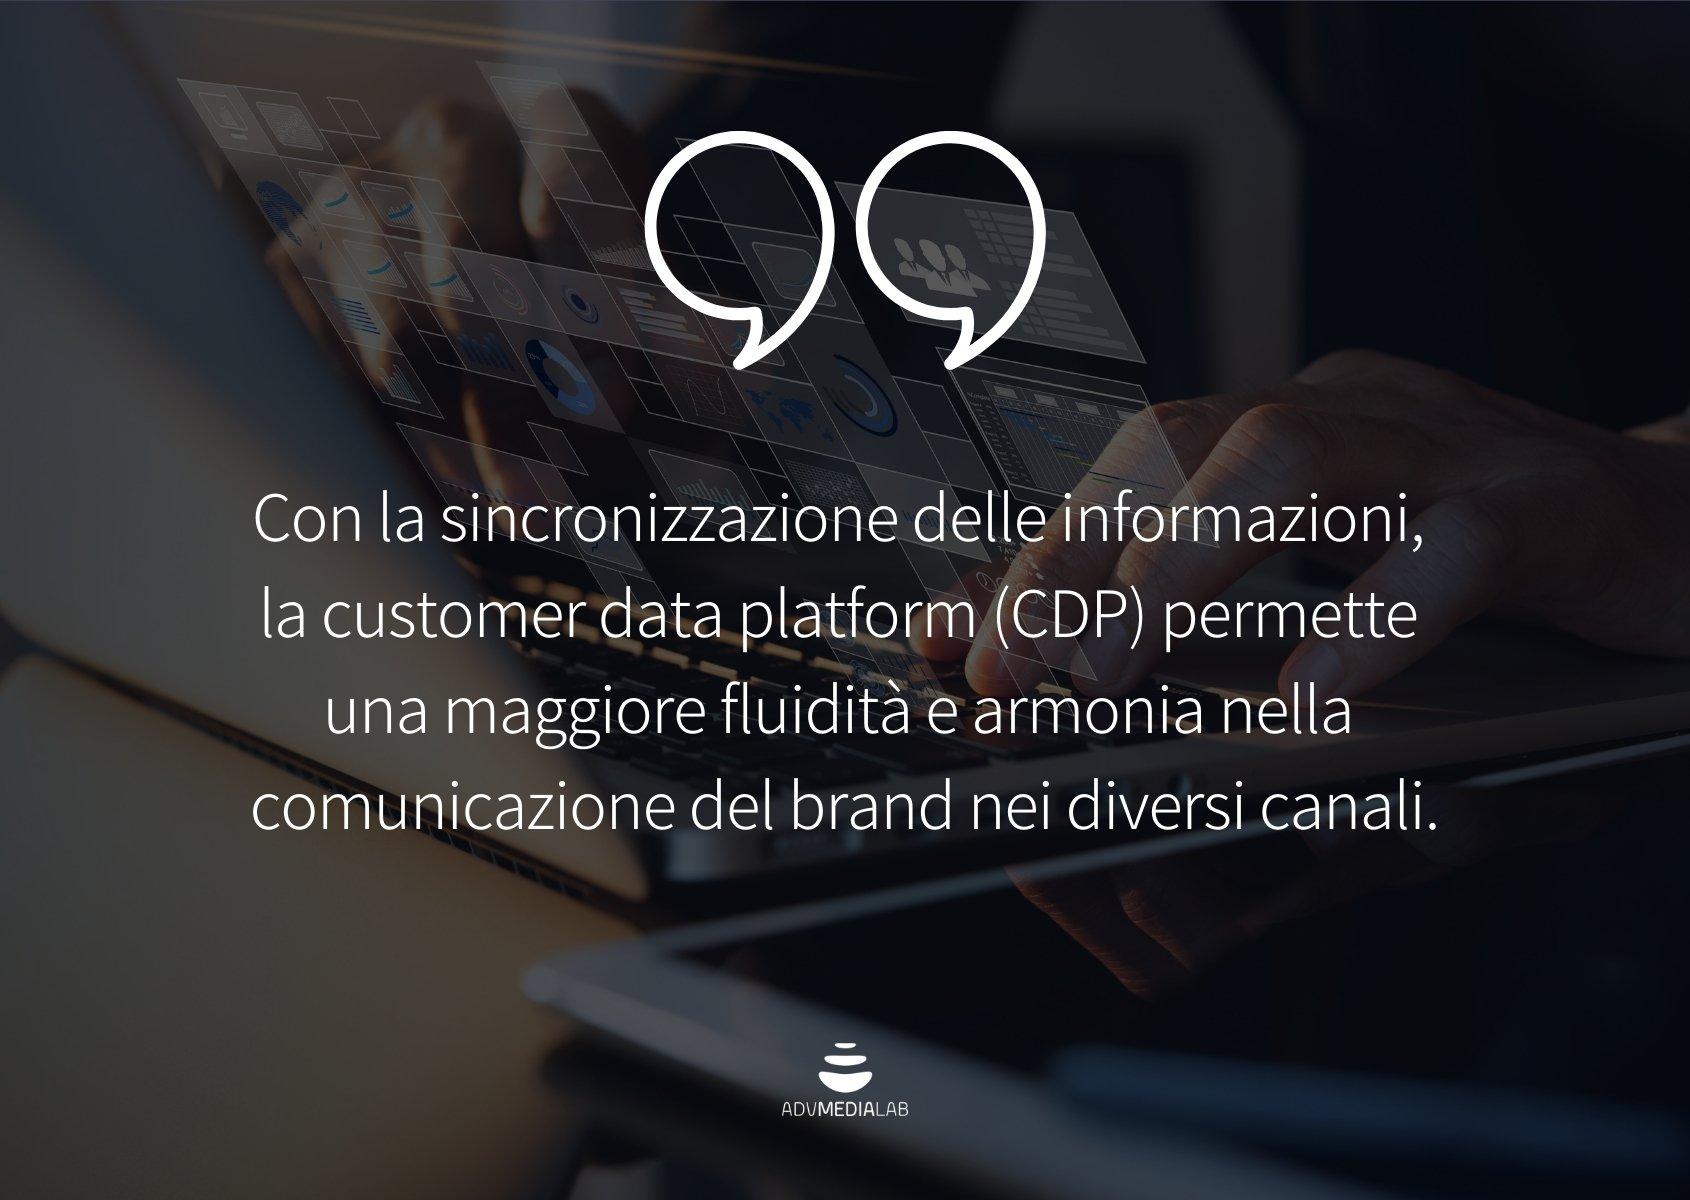 Citazione: Con la sincronizzazione delle informazioni, la customer data platform (CDP) permette una maggiore fluidità e armonia nella comunicazione del brand nei diversi canali.